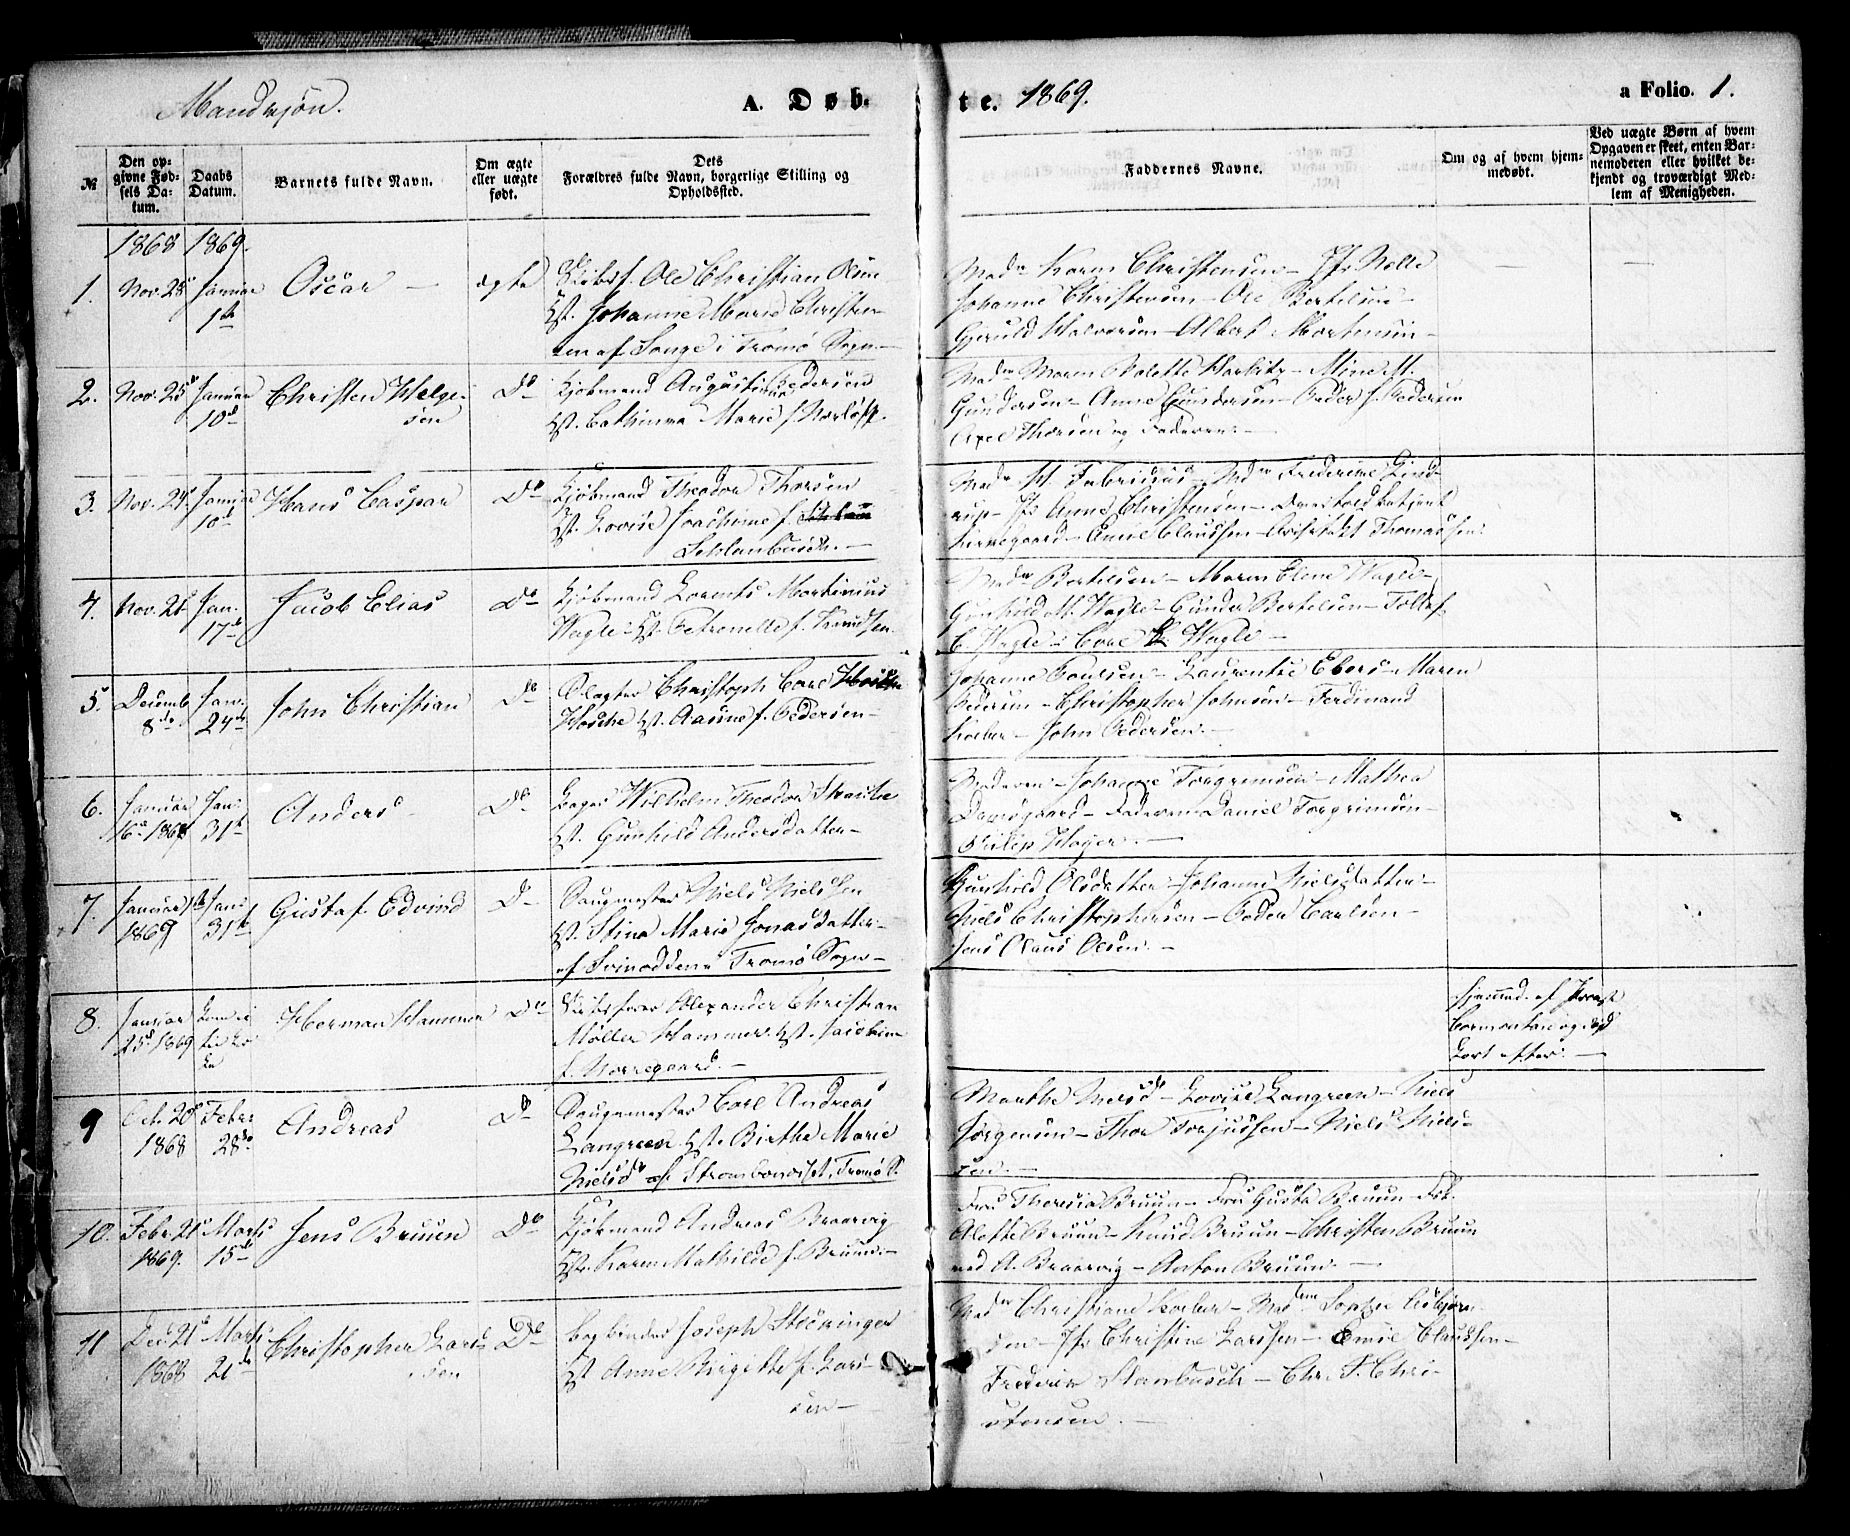 SAK, Arendal sokneprestkontor, Trefoldighet, F/Fa/L0007: Ministerialbok nr. A 7, 1868-1878, s. 1